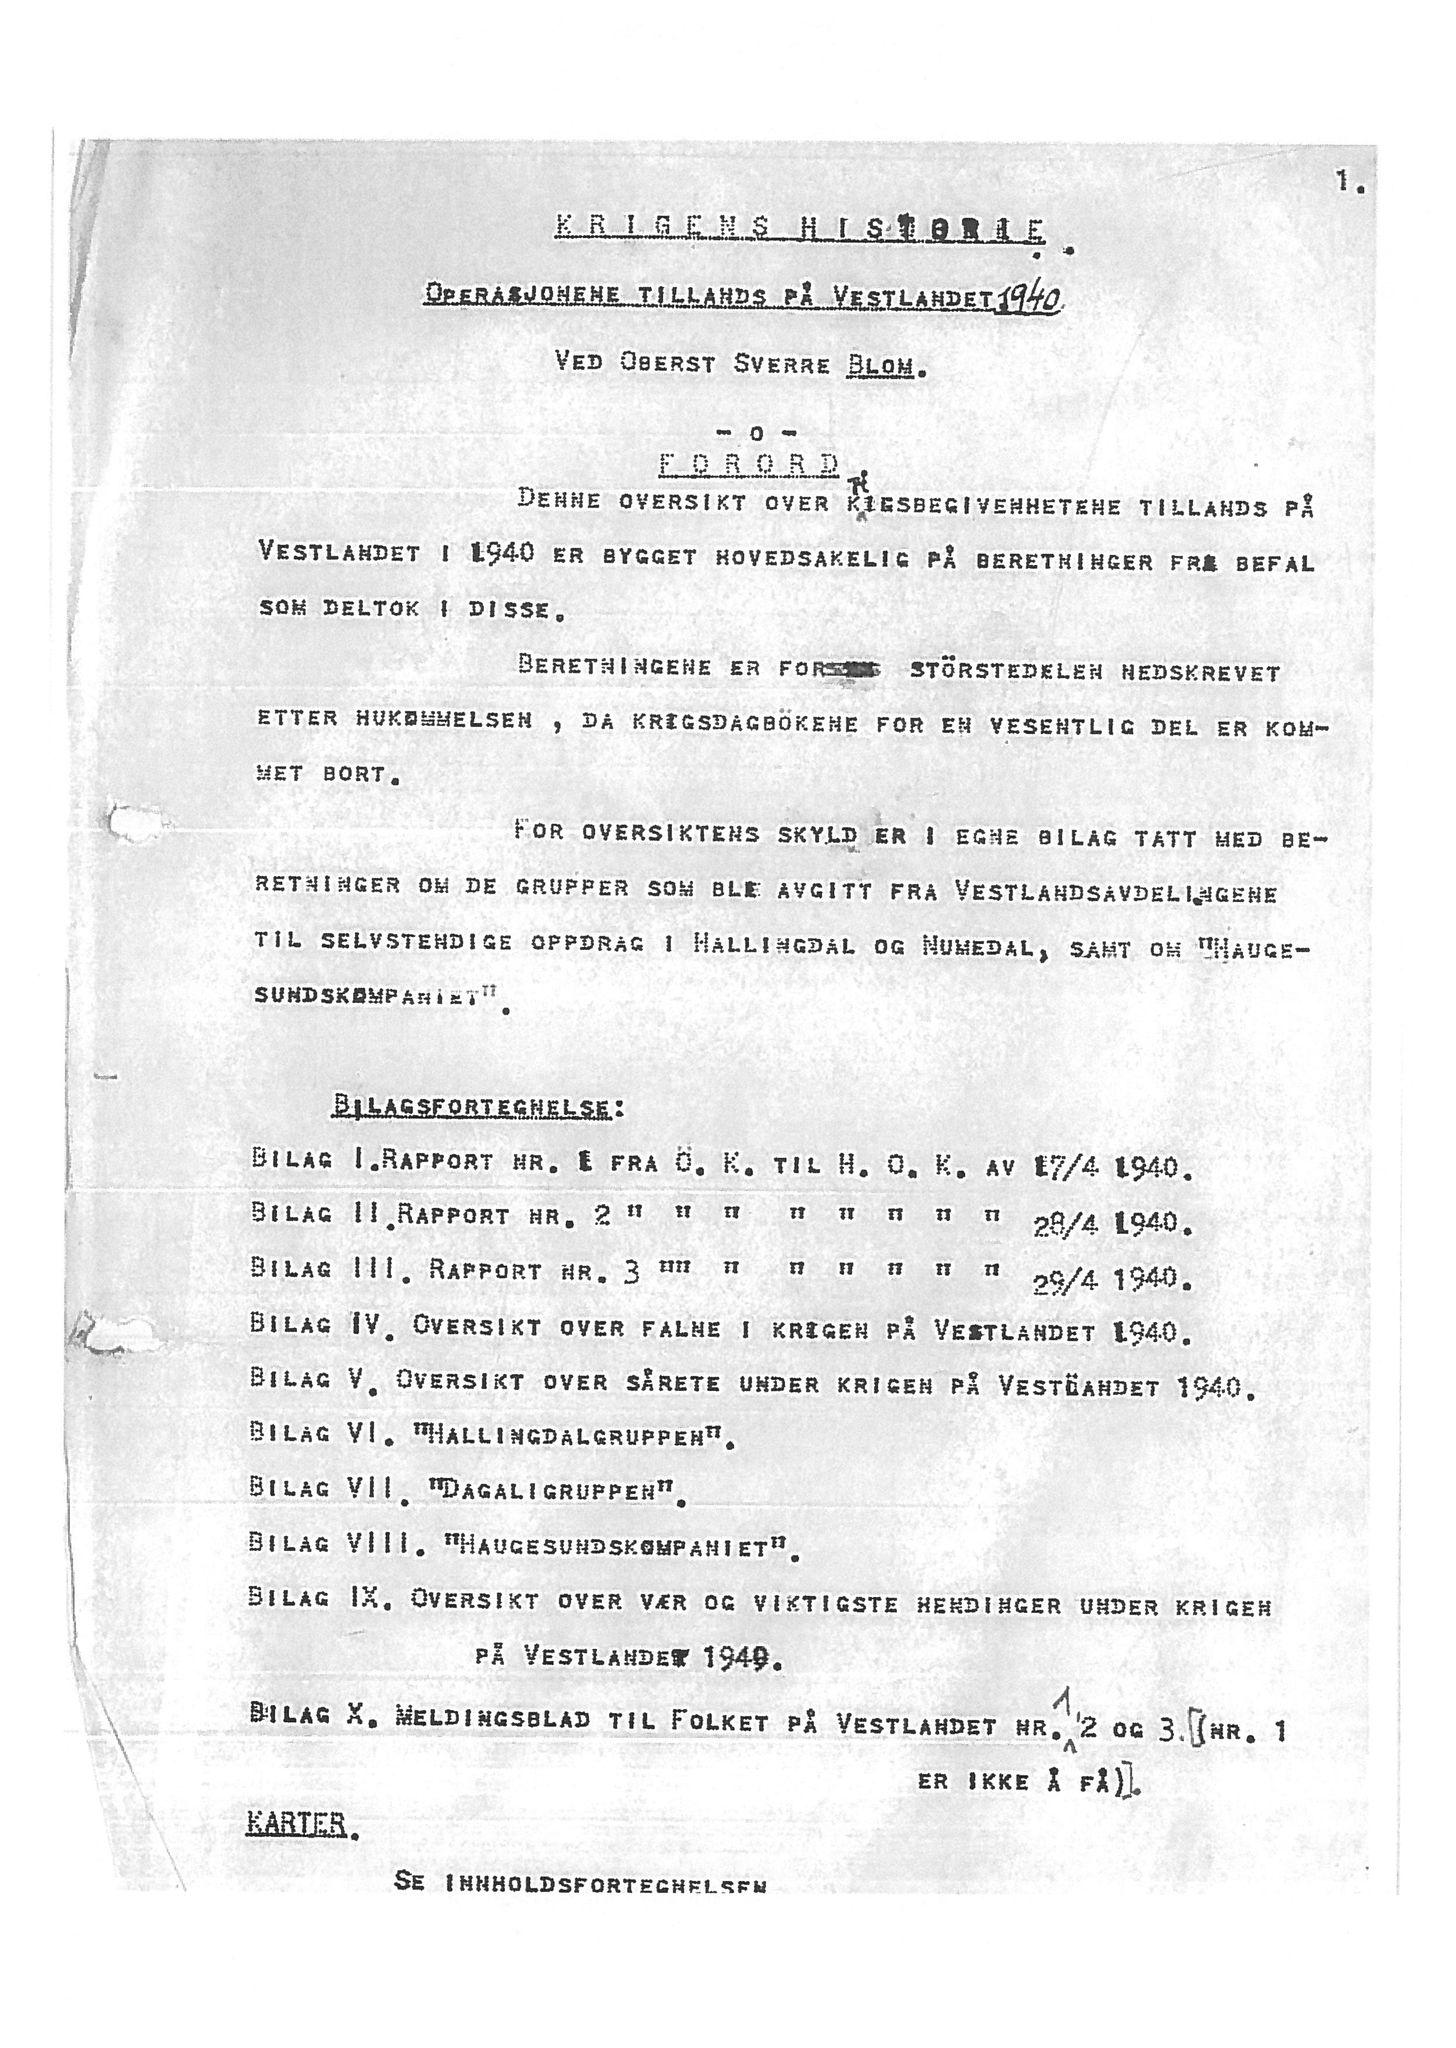 """SAB, Oberst Sverre Blom - manuskript til krigshistorie, F/L0001: Manuskript """"Krigens historie - operasjonene til lands på Vestlandet 1940"""" av oberst Sverre Blom, 1940, s. 1"""